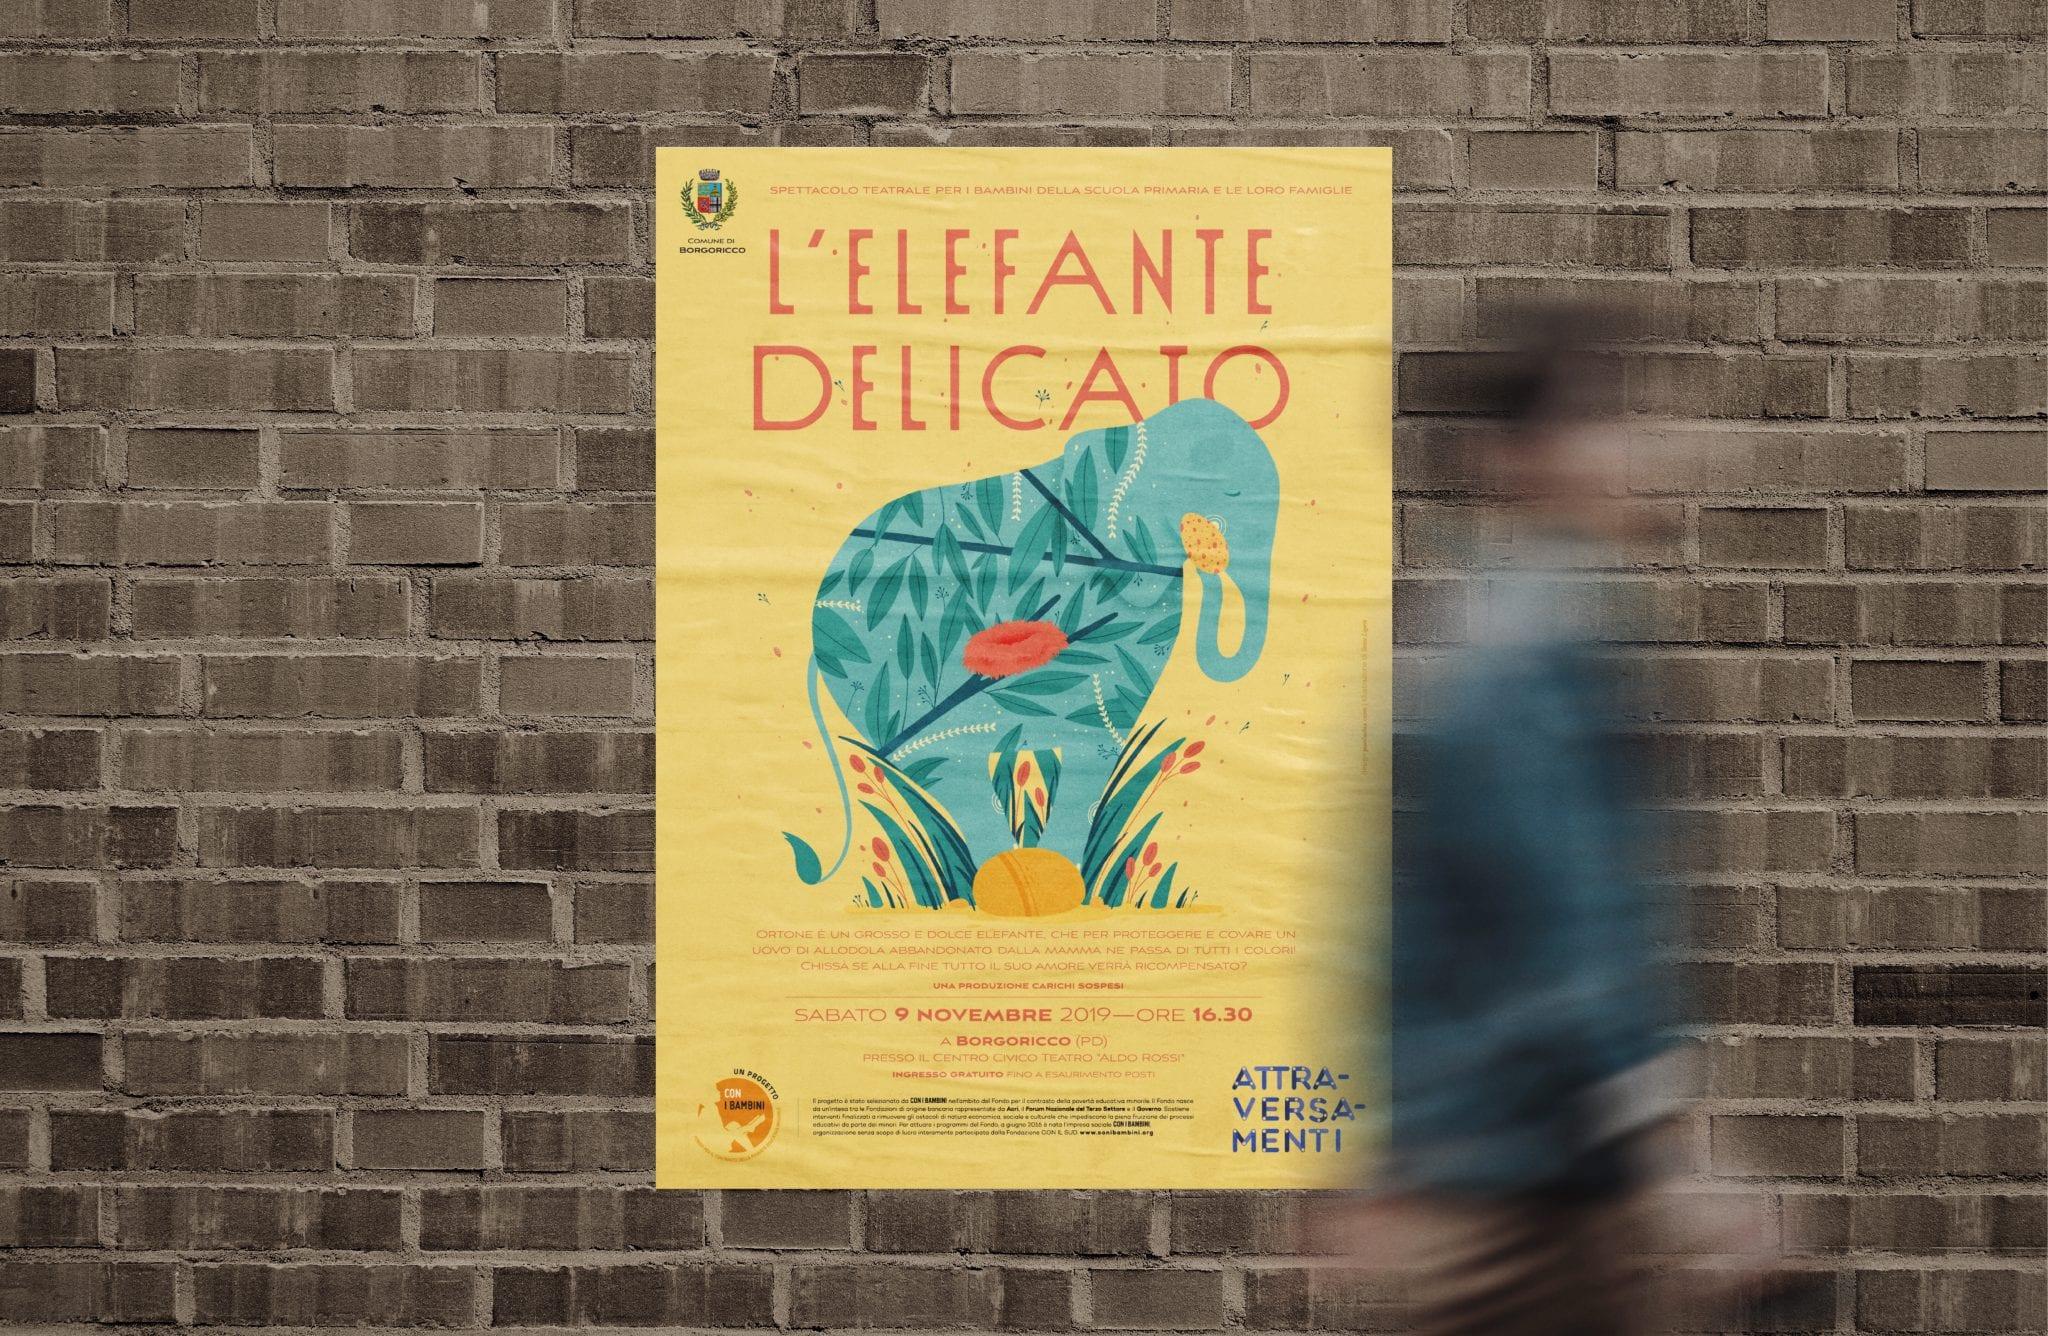 Elefante delicato-locandina